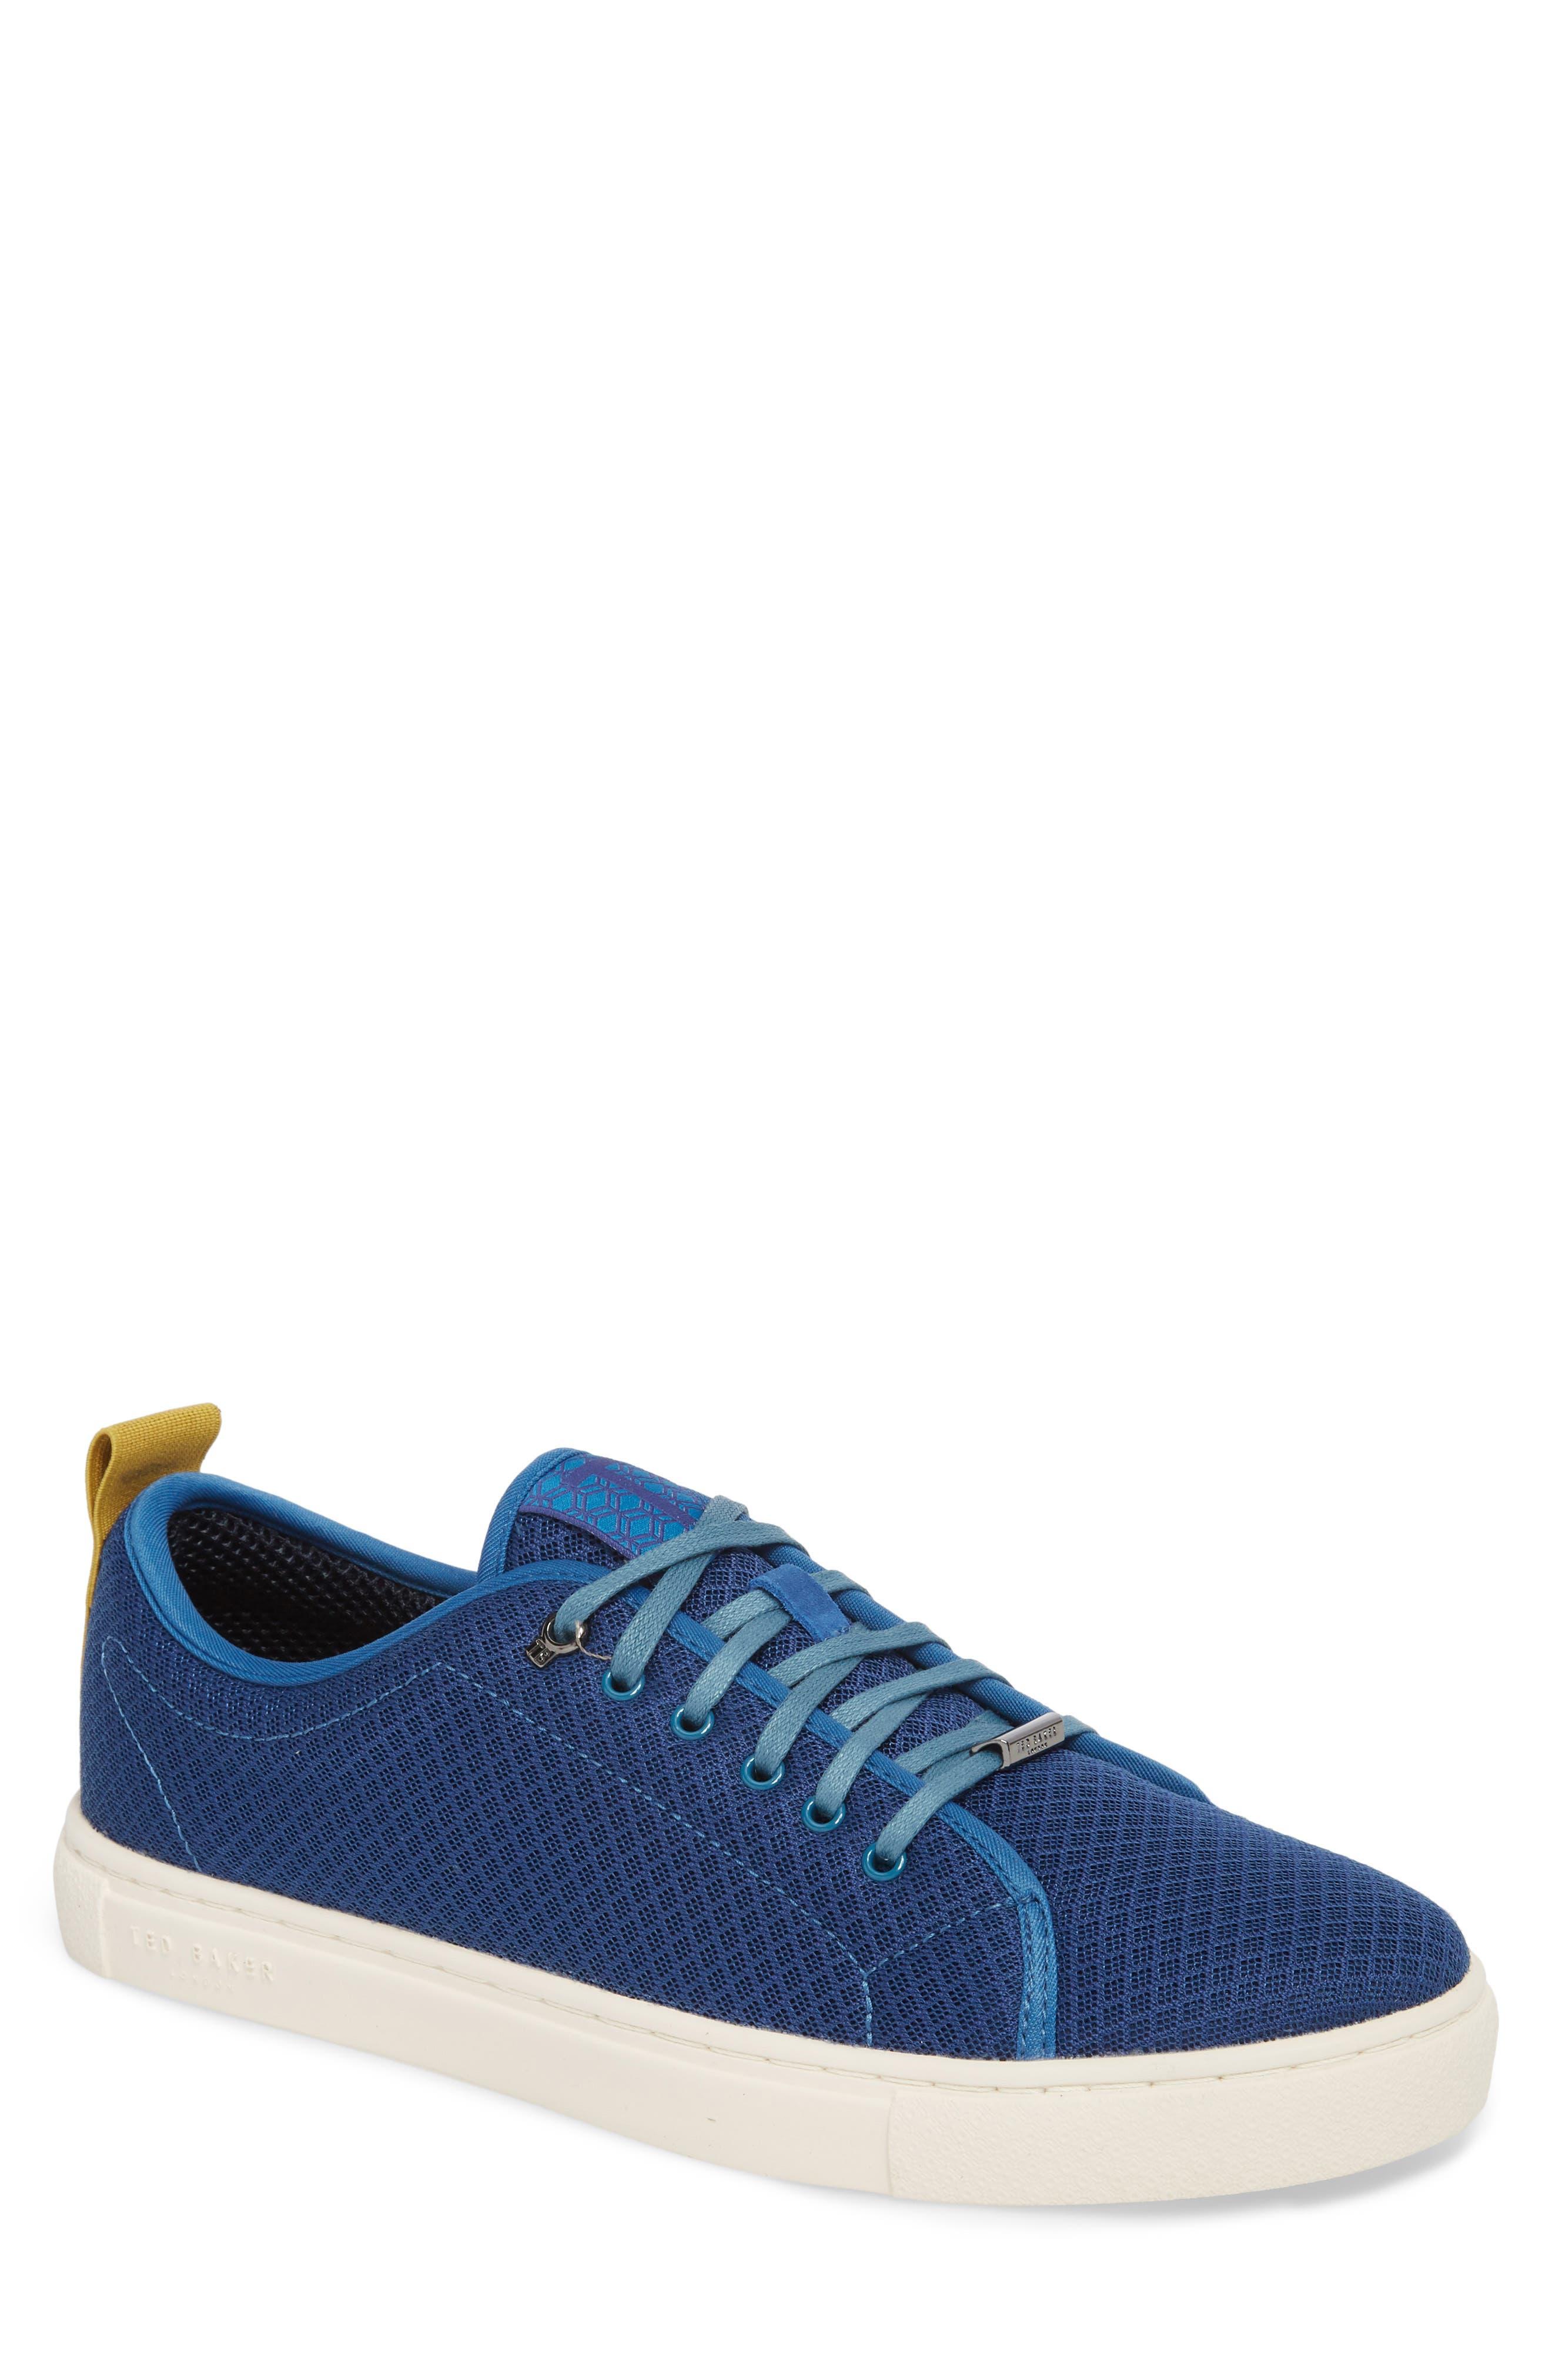 Lannse Low Top Mesh Sneaker,                         Main,                         color, Blue Textile